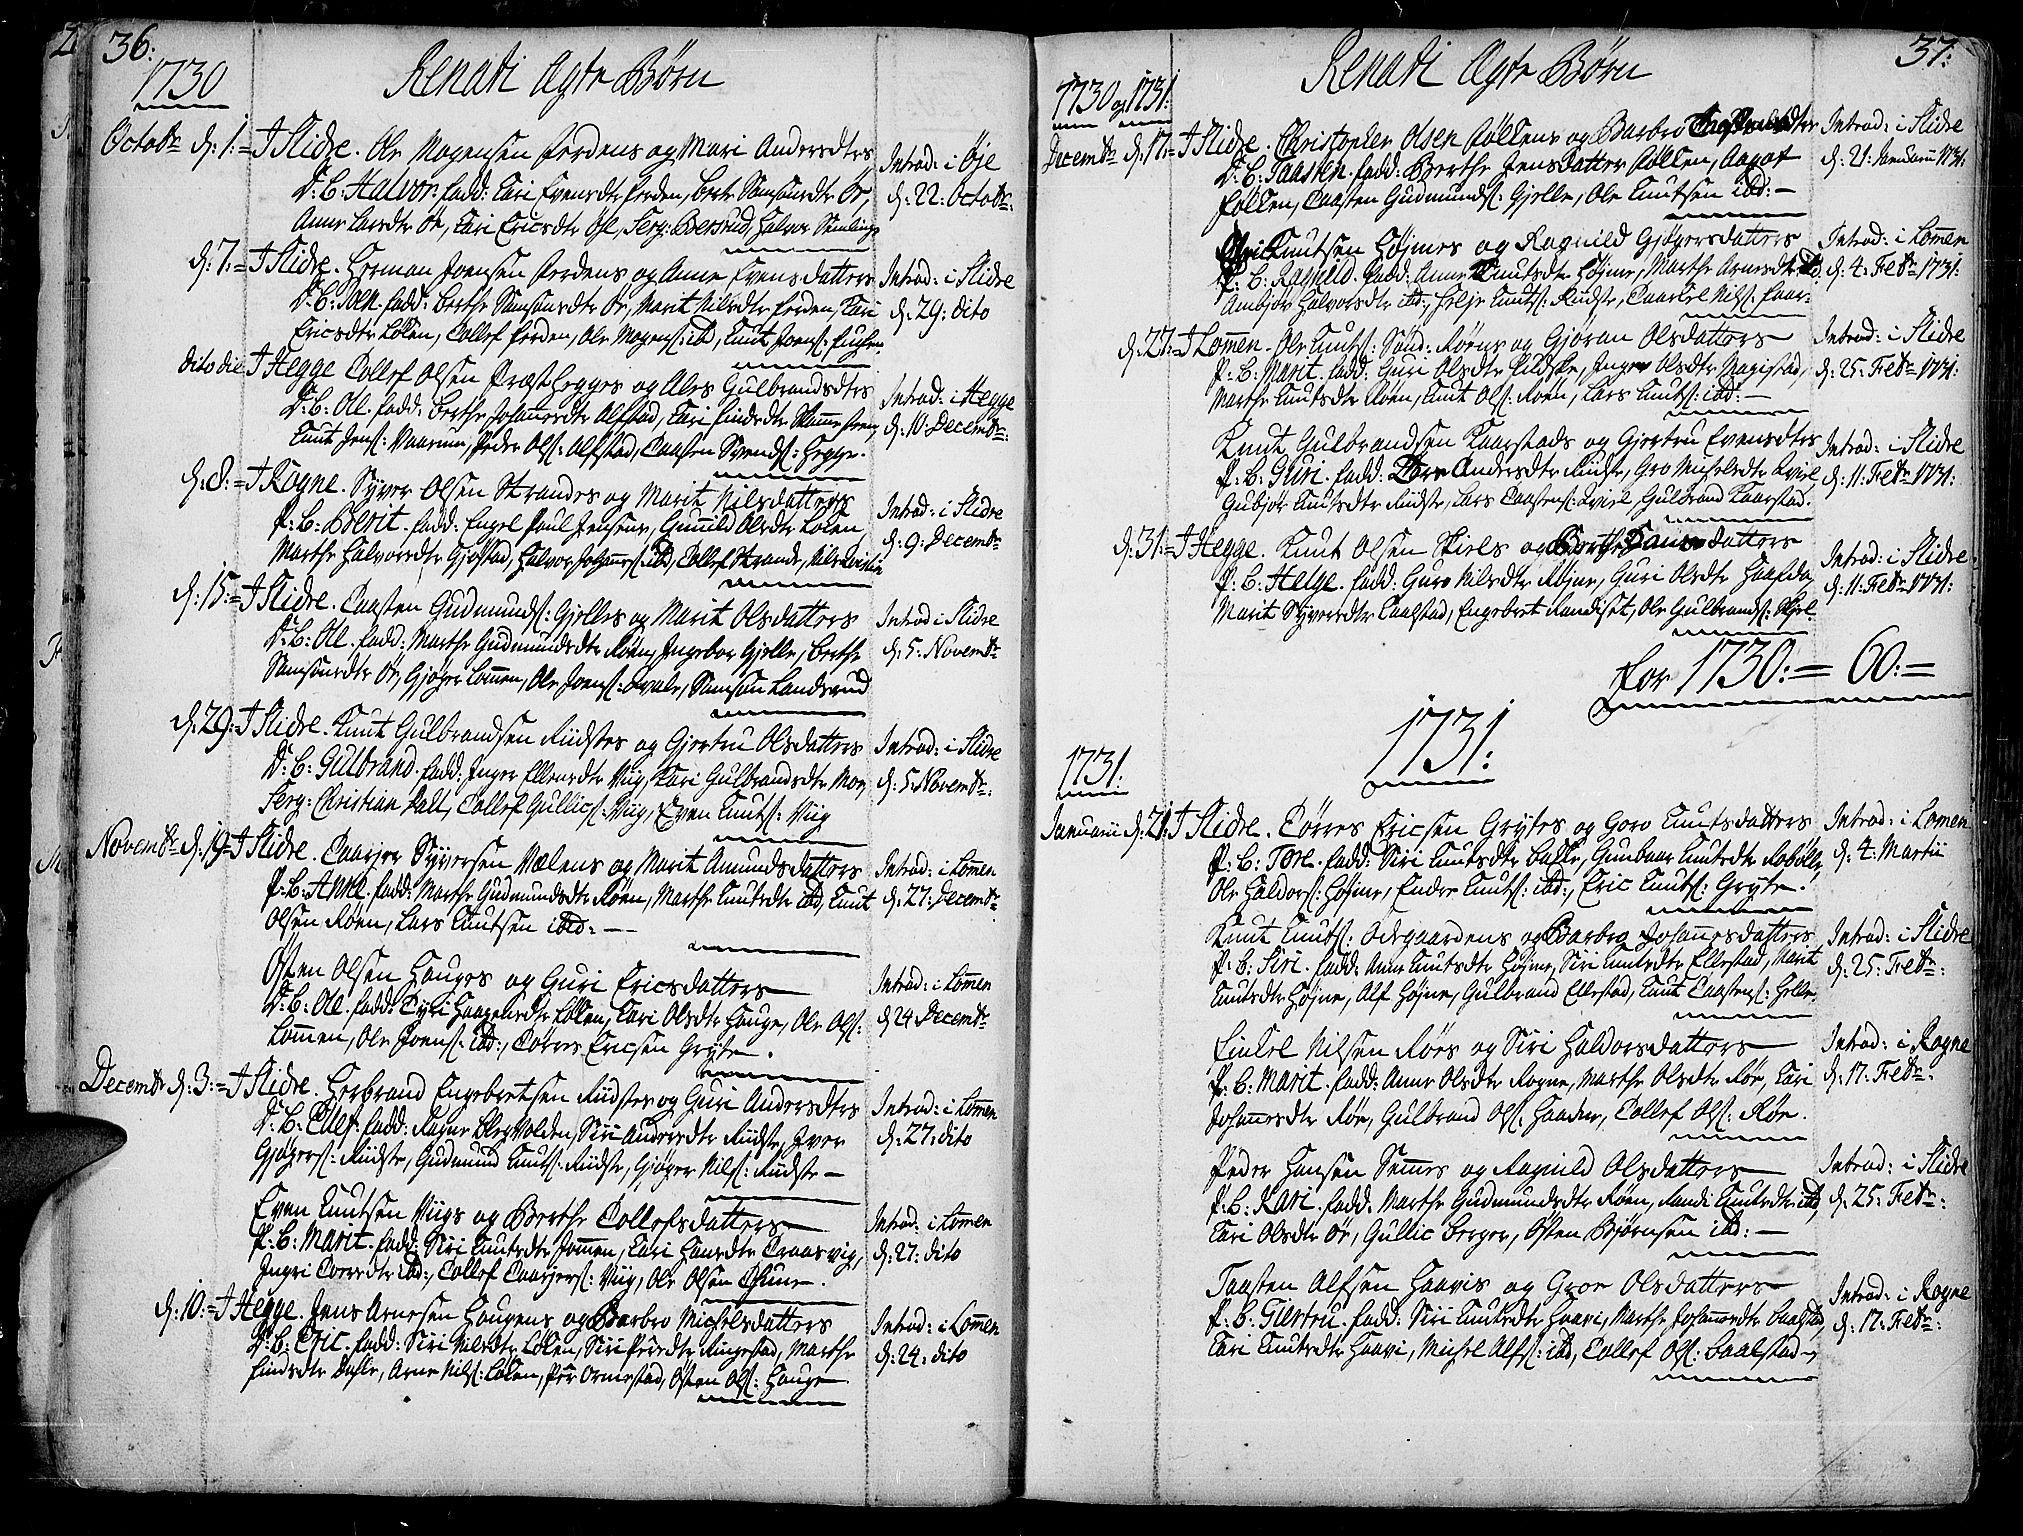 SAH, Slidre prestekontor, Ministerialbok nr. 1, 1724-1814, s. 36-37